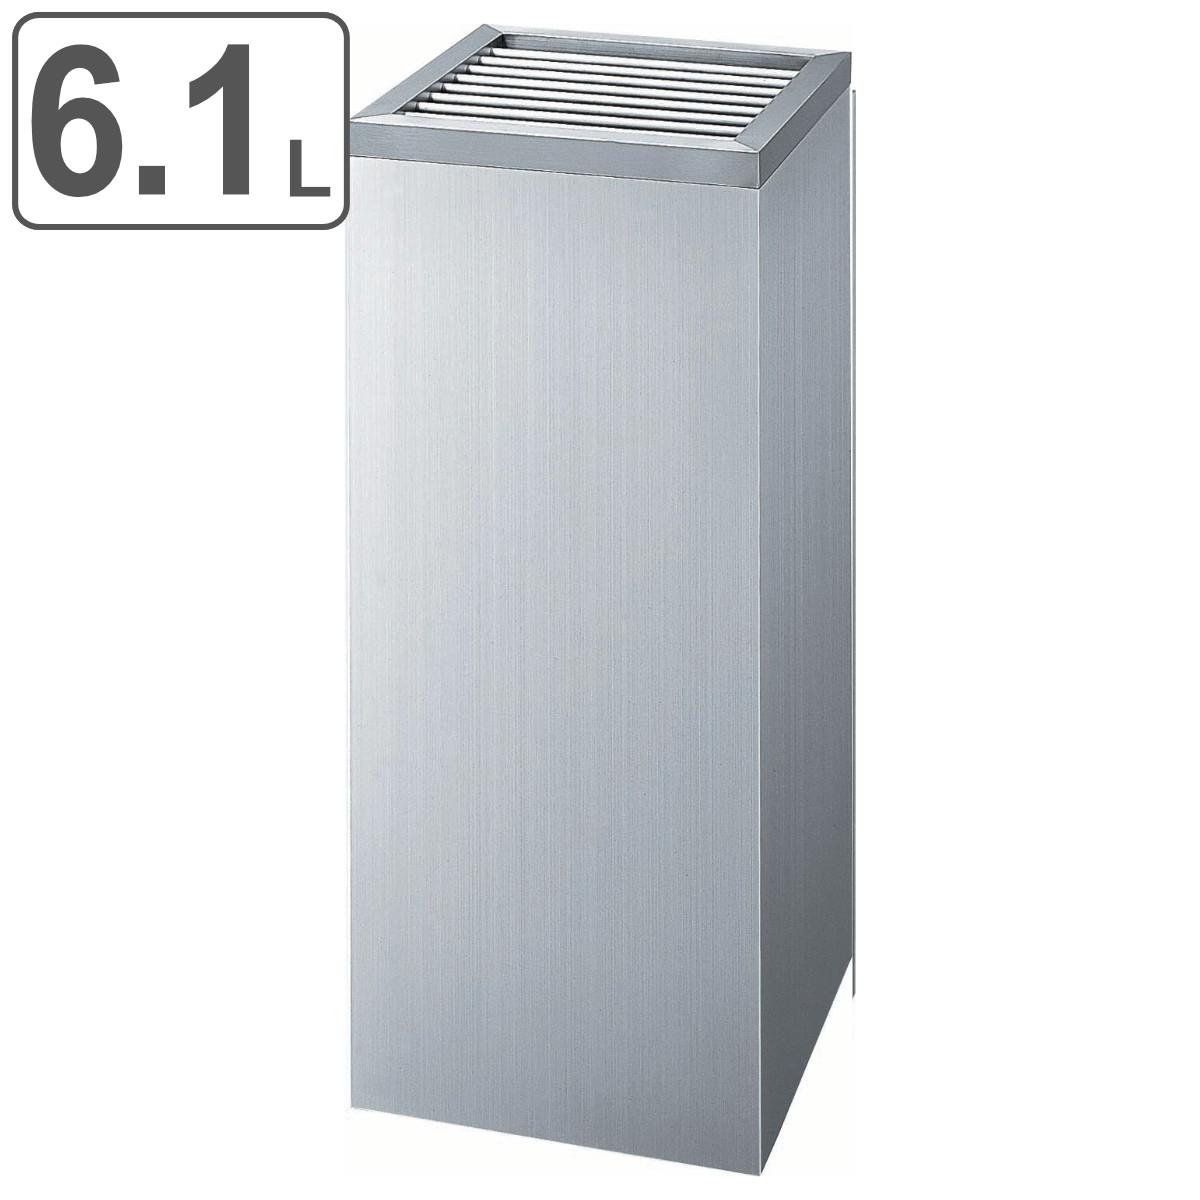 屋内用灰皿 スモーキング KF-300 ステンレスヘアーライン ( スタンド灰皿 山崎産業 送料無料 )